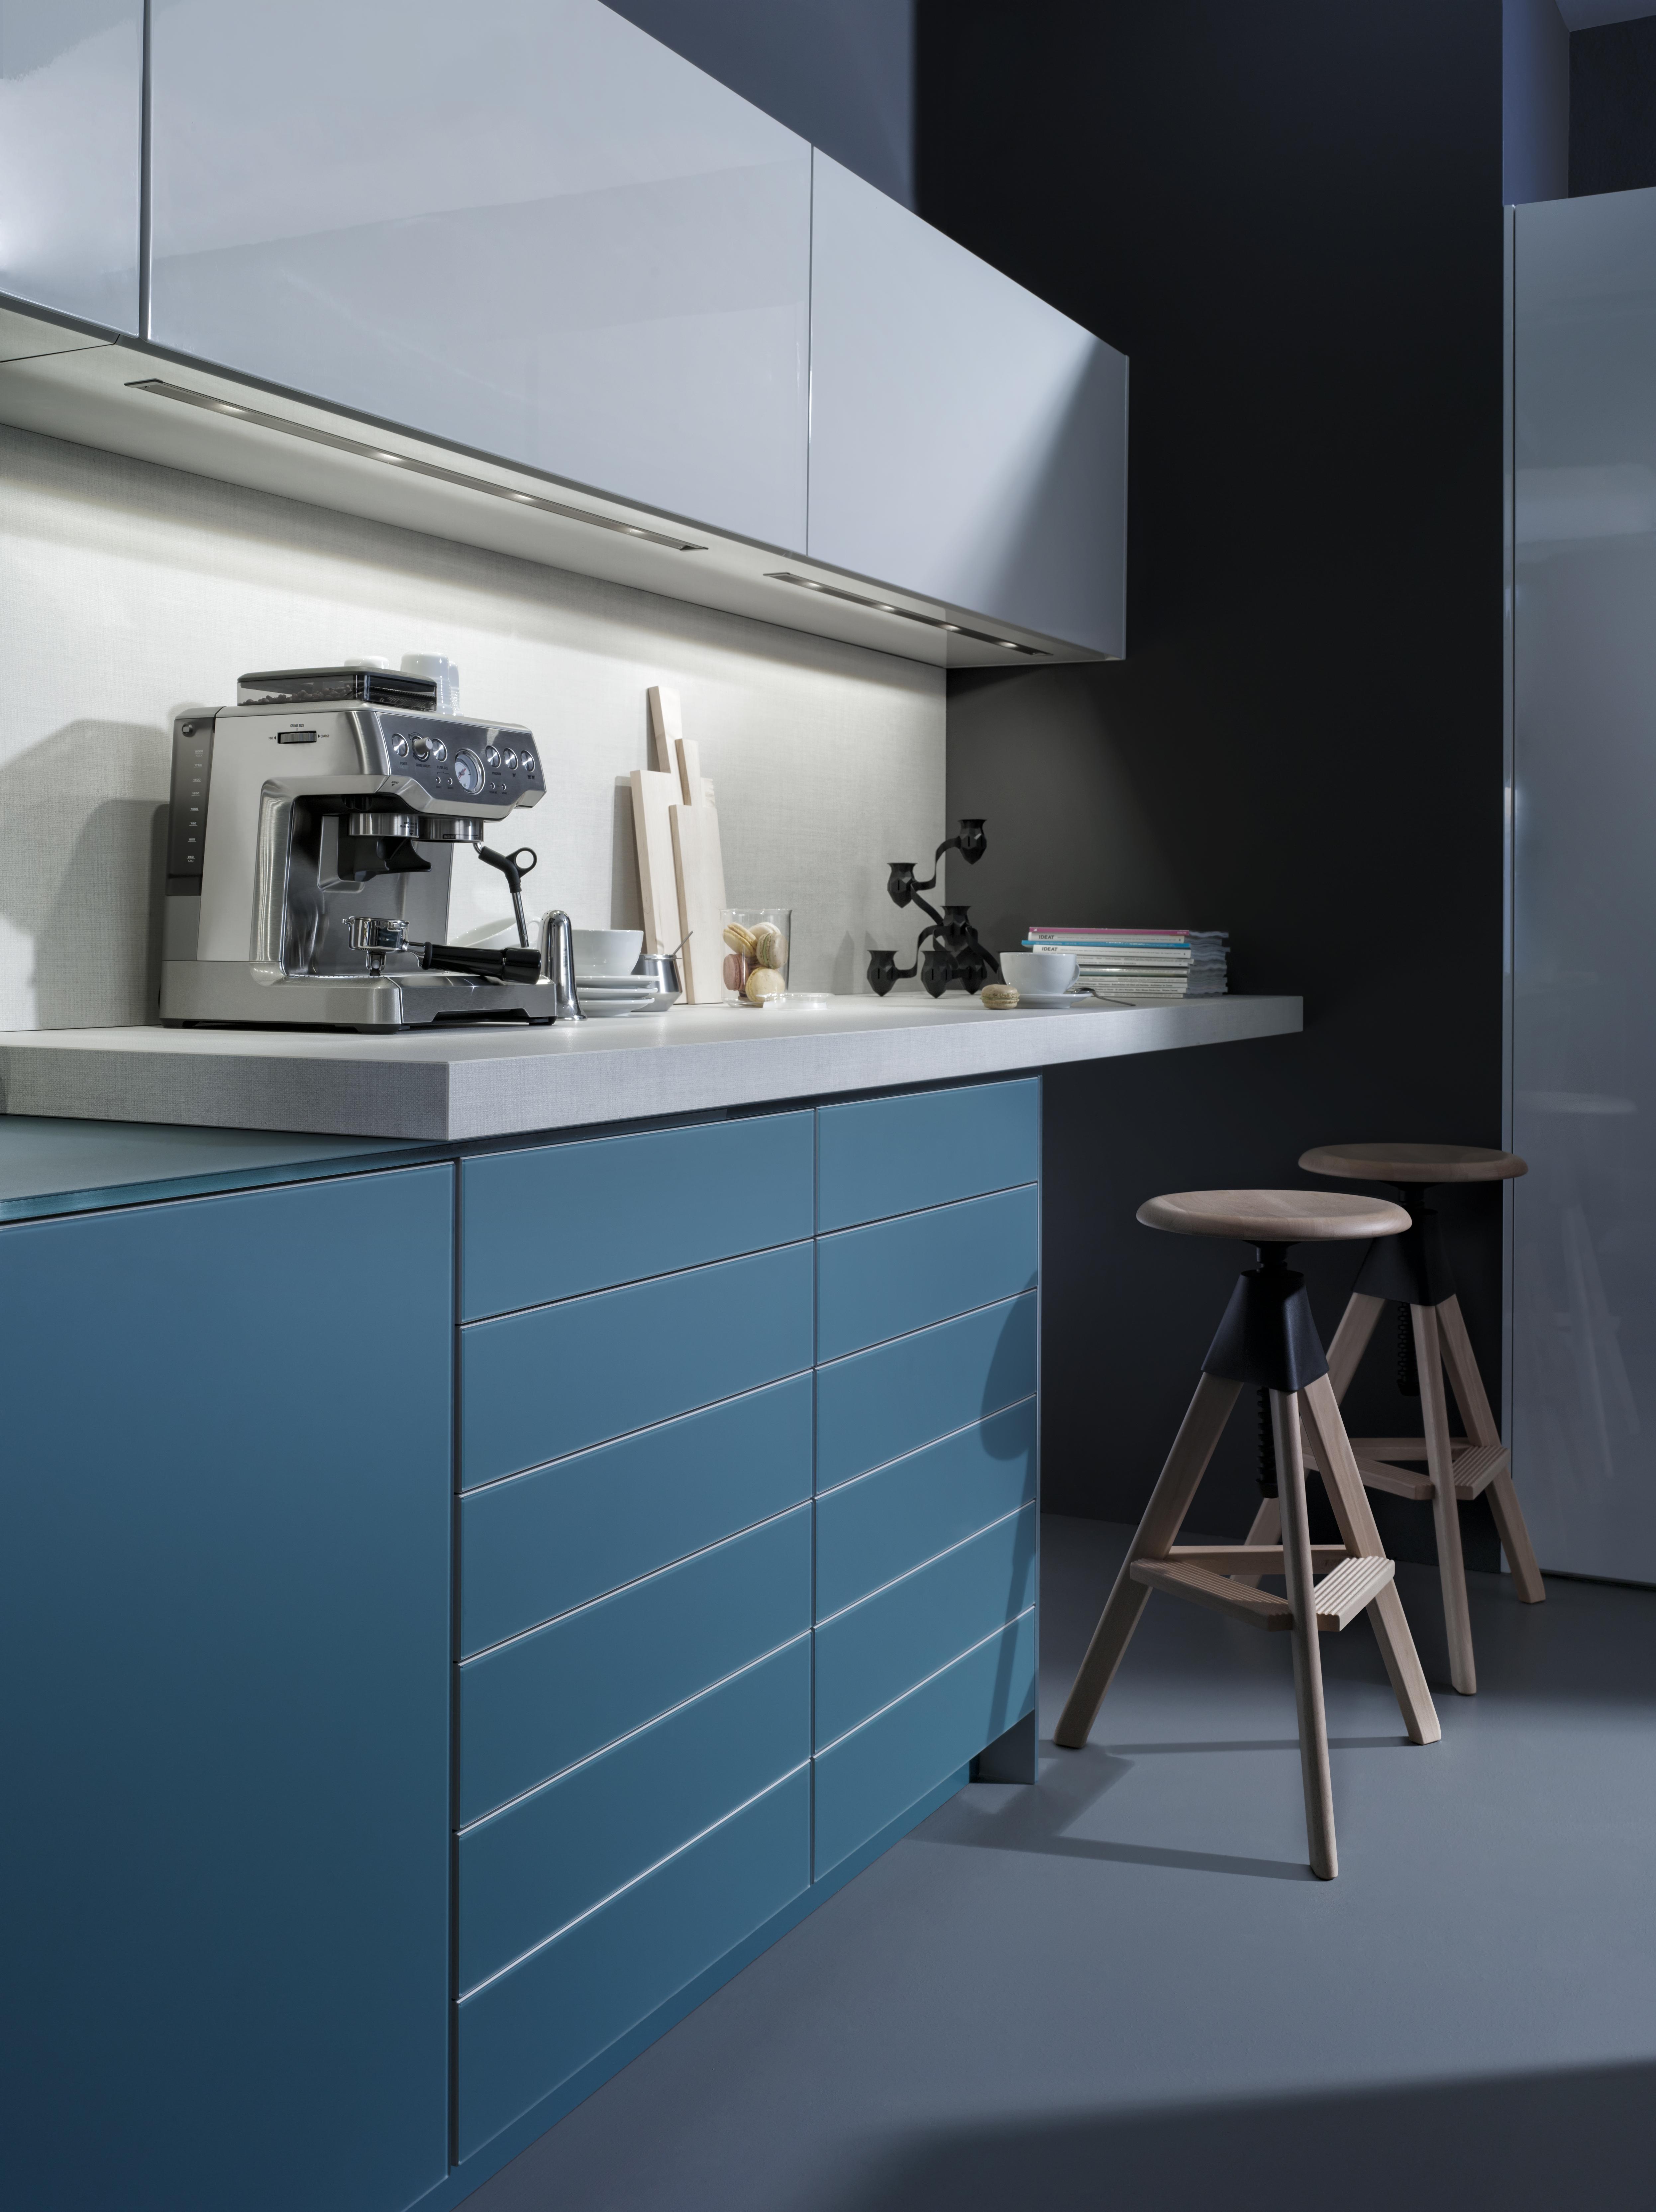 LARGO-FG | IOS-M by LEICHT Küchen | STYLEPARK